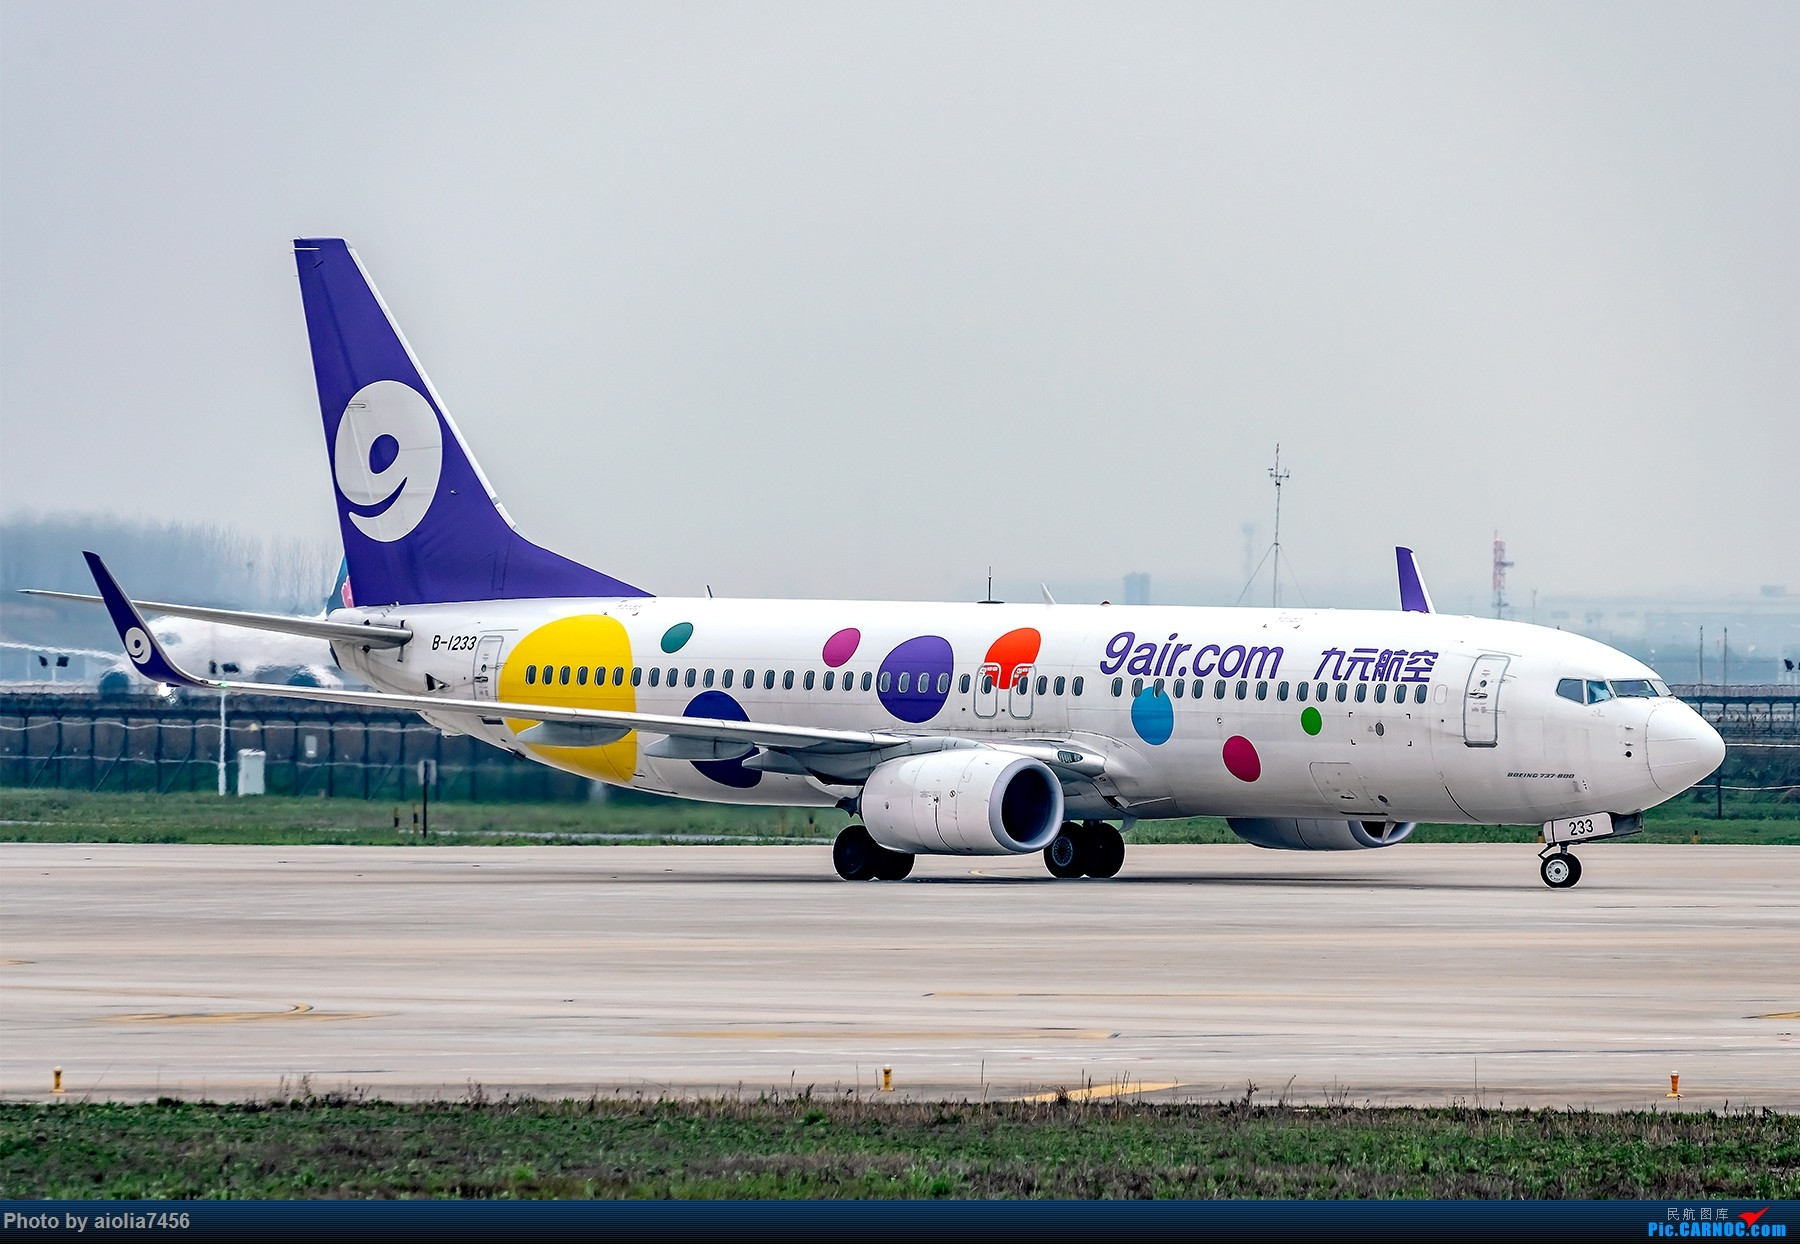 Re:[原创]{霸都打机队}儿子说,合肥为什么没有大飞机?(手动尴尬) BOEING 737-800 B-1233 中国合肥新桥国际机场